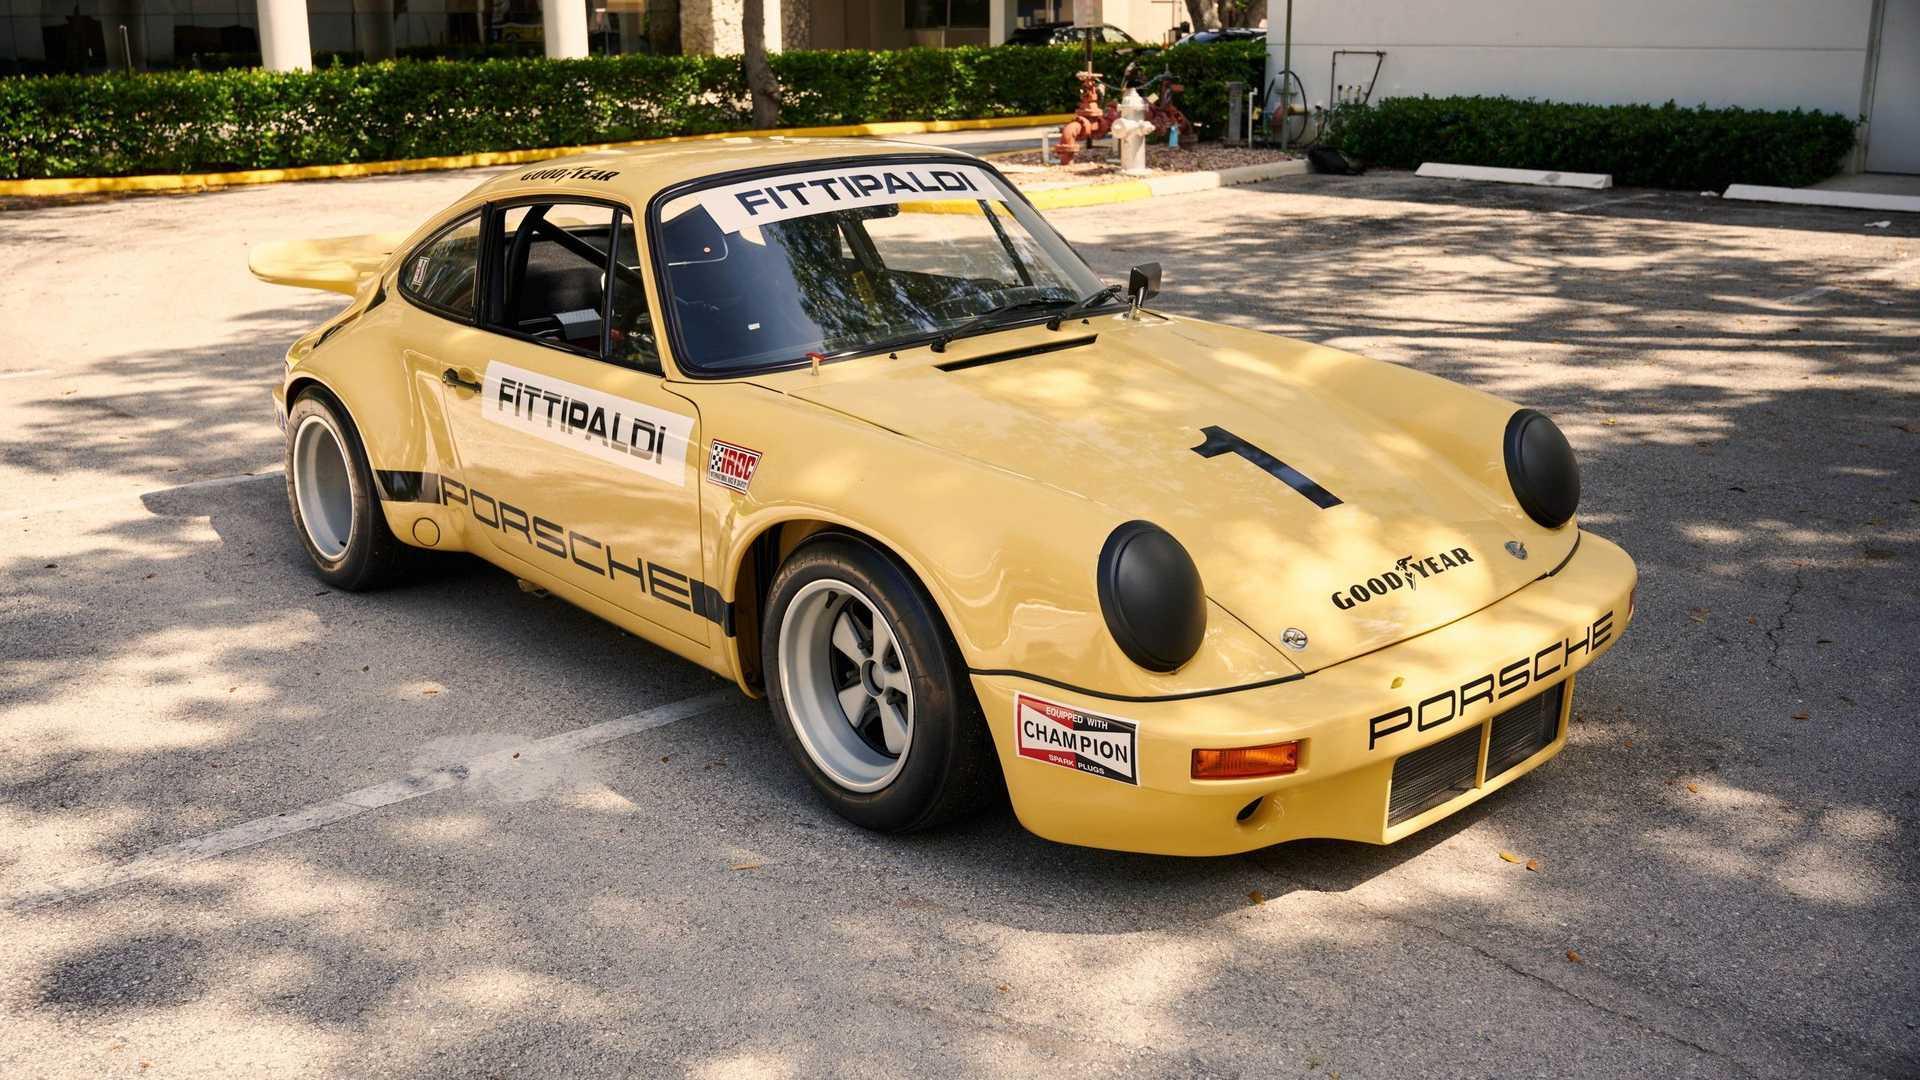 Pablo Escobar's Infamous Porsche 911 RSR IROC Is For Sale